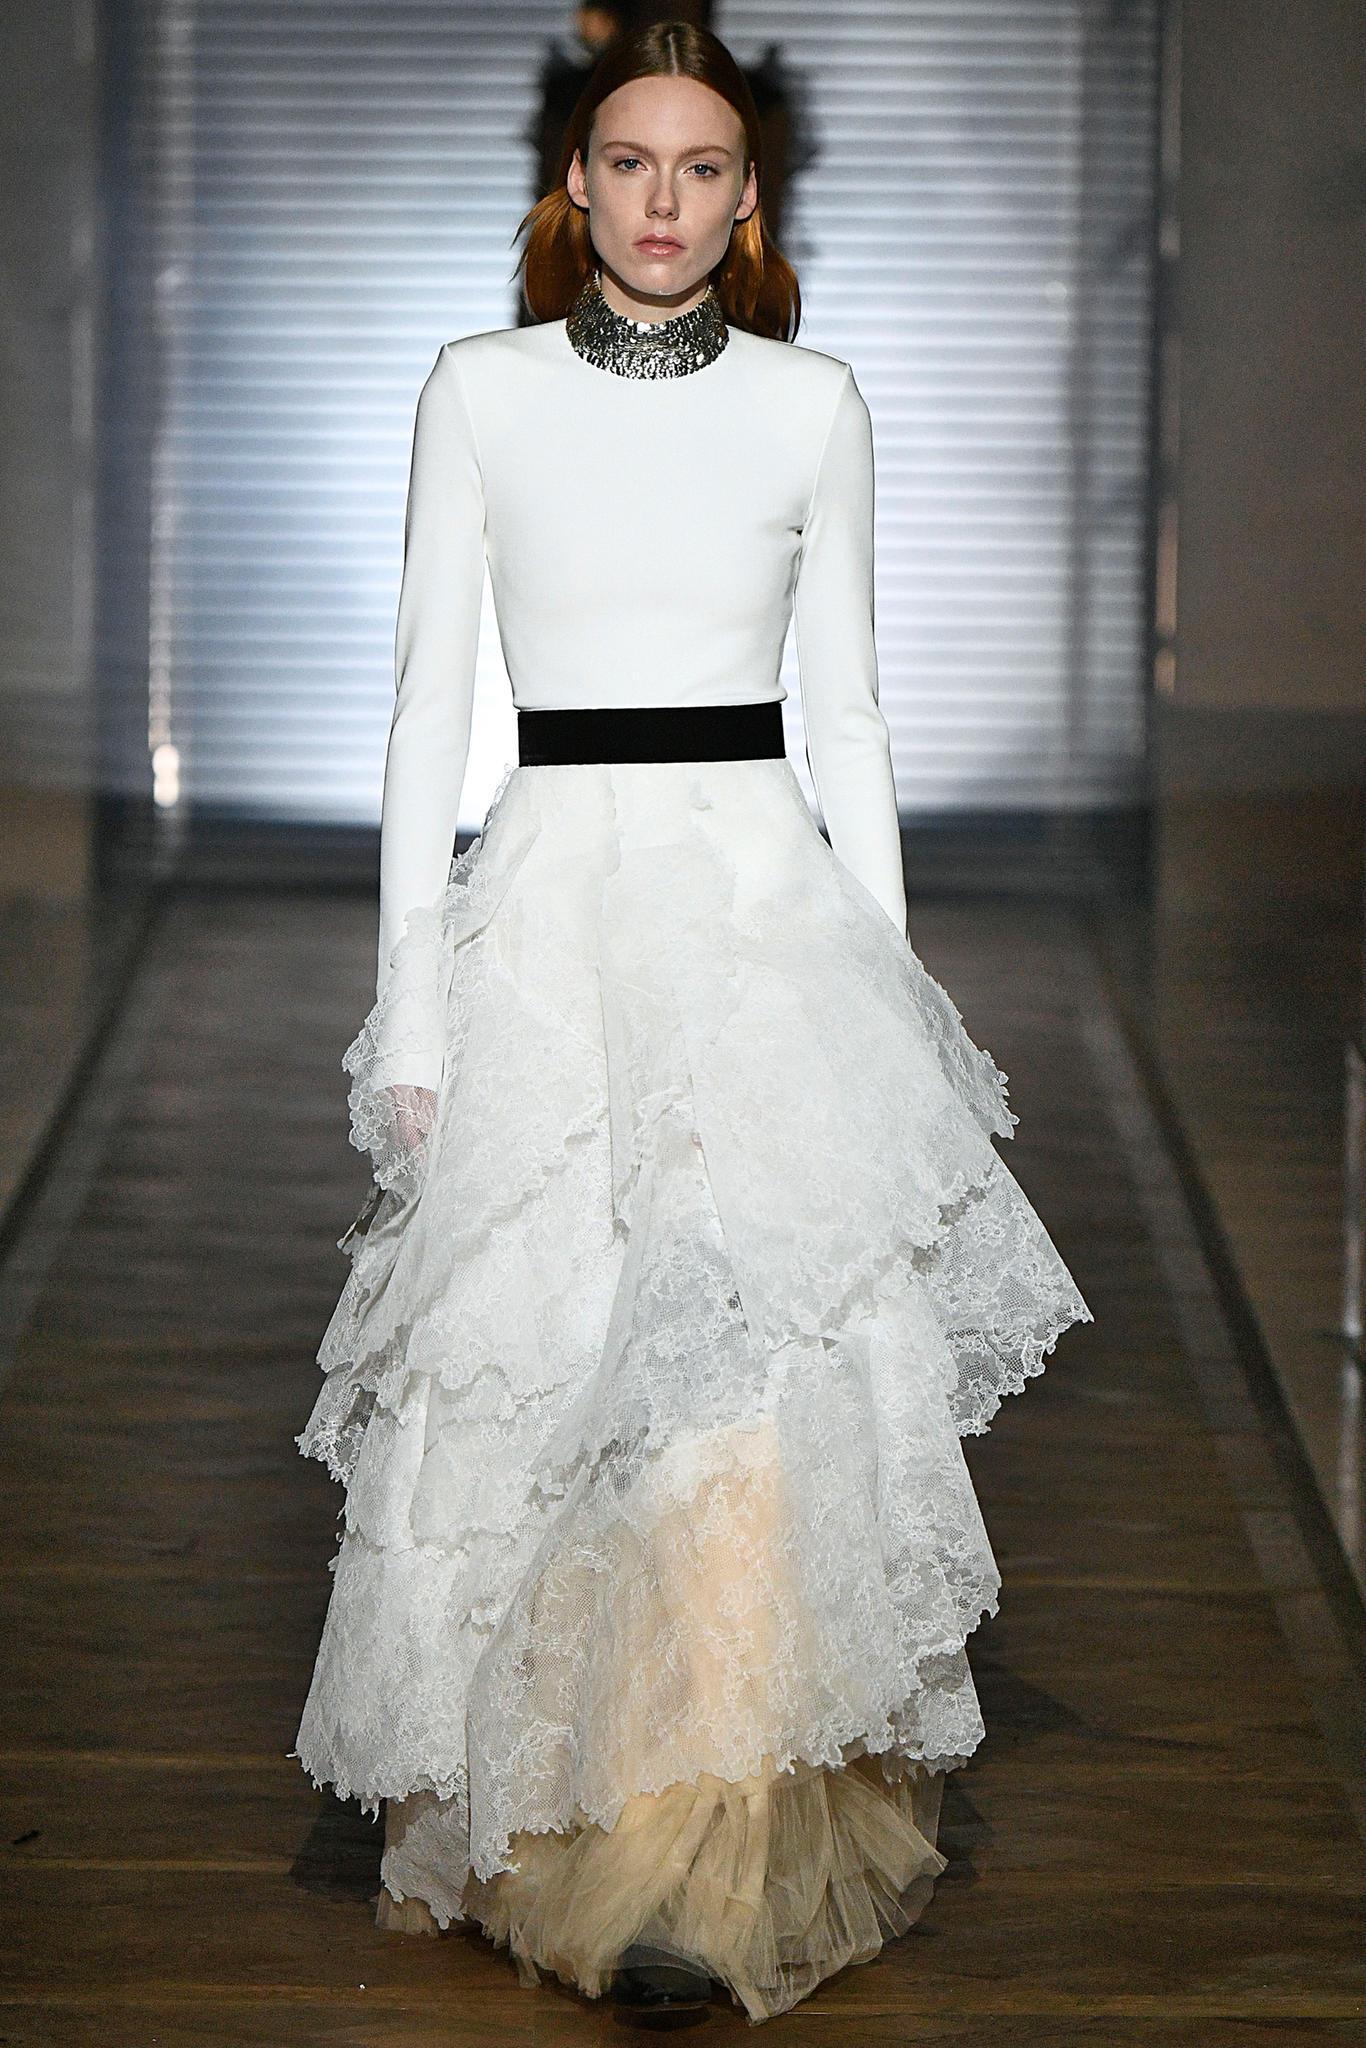 Brautmode: Die schönsten Designer-Brautkleider 2018 | BRIGITTE.de